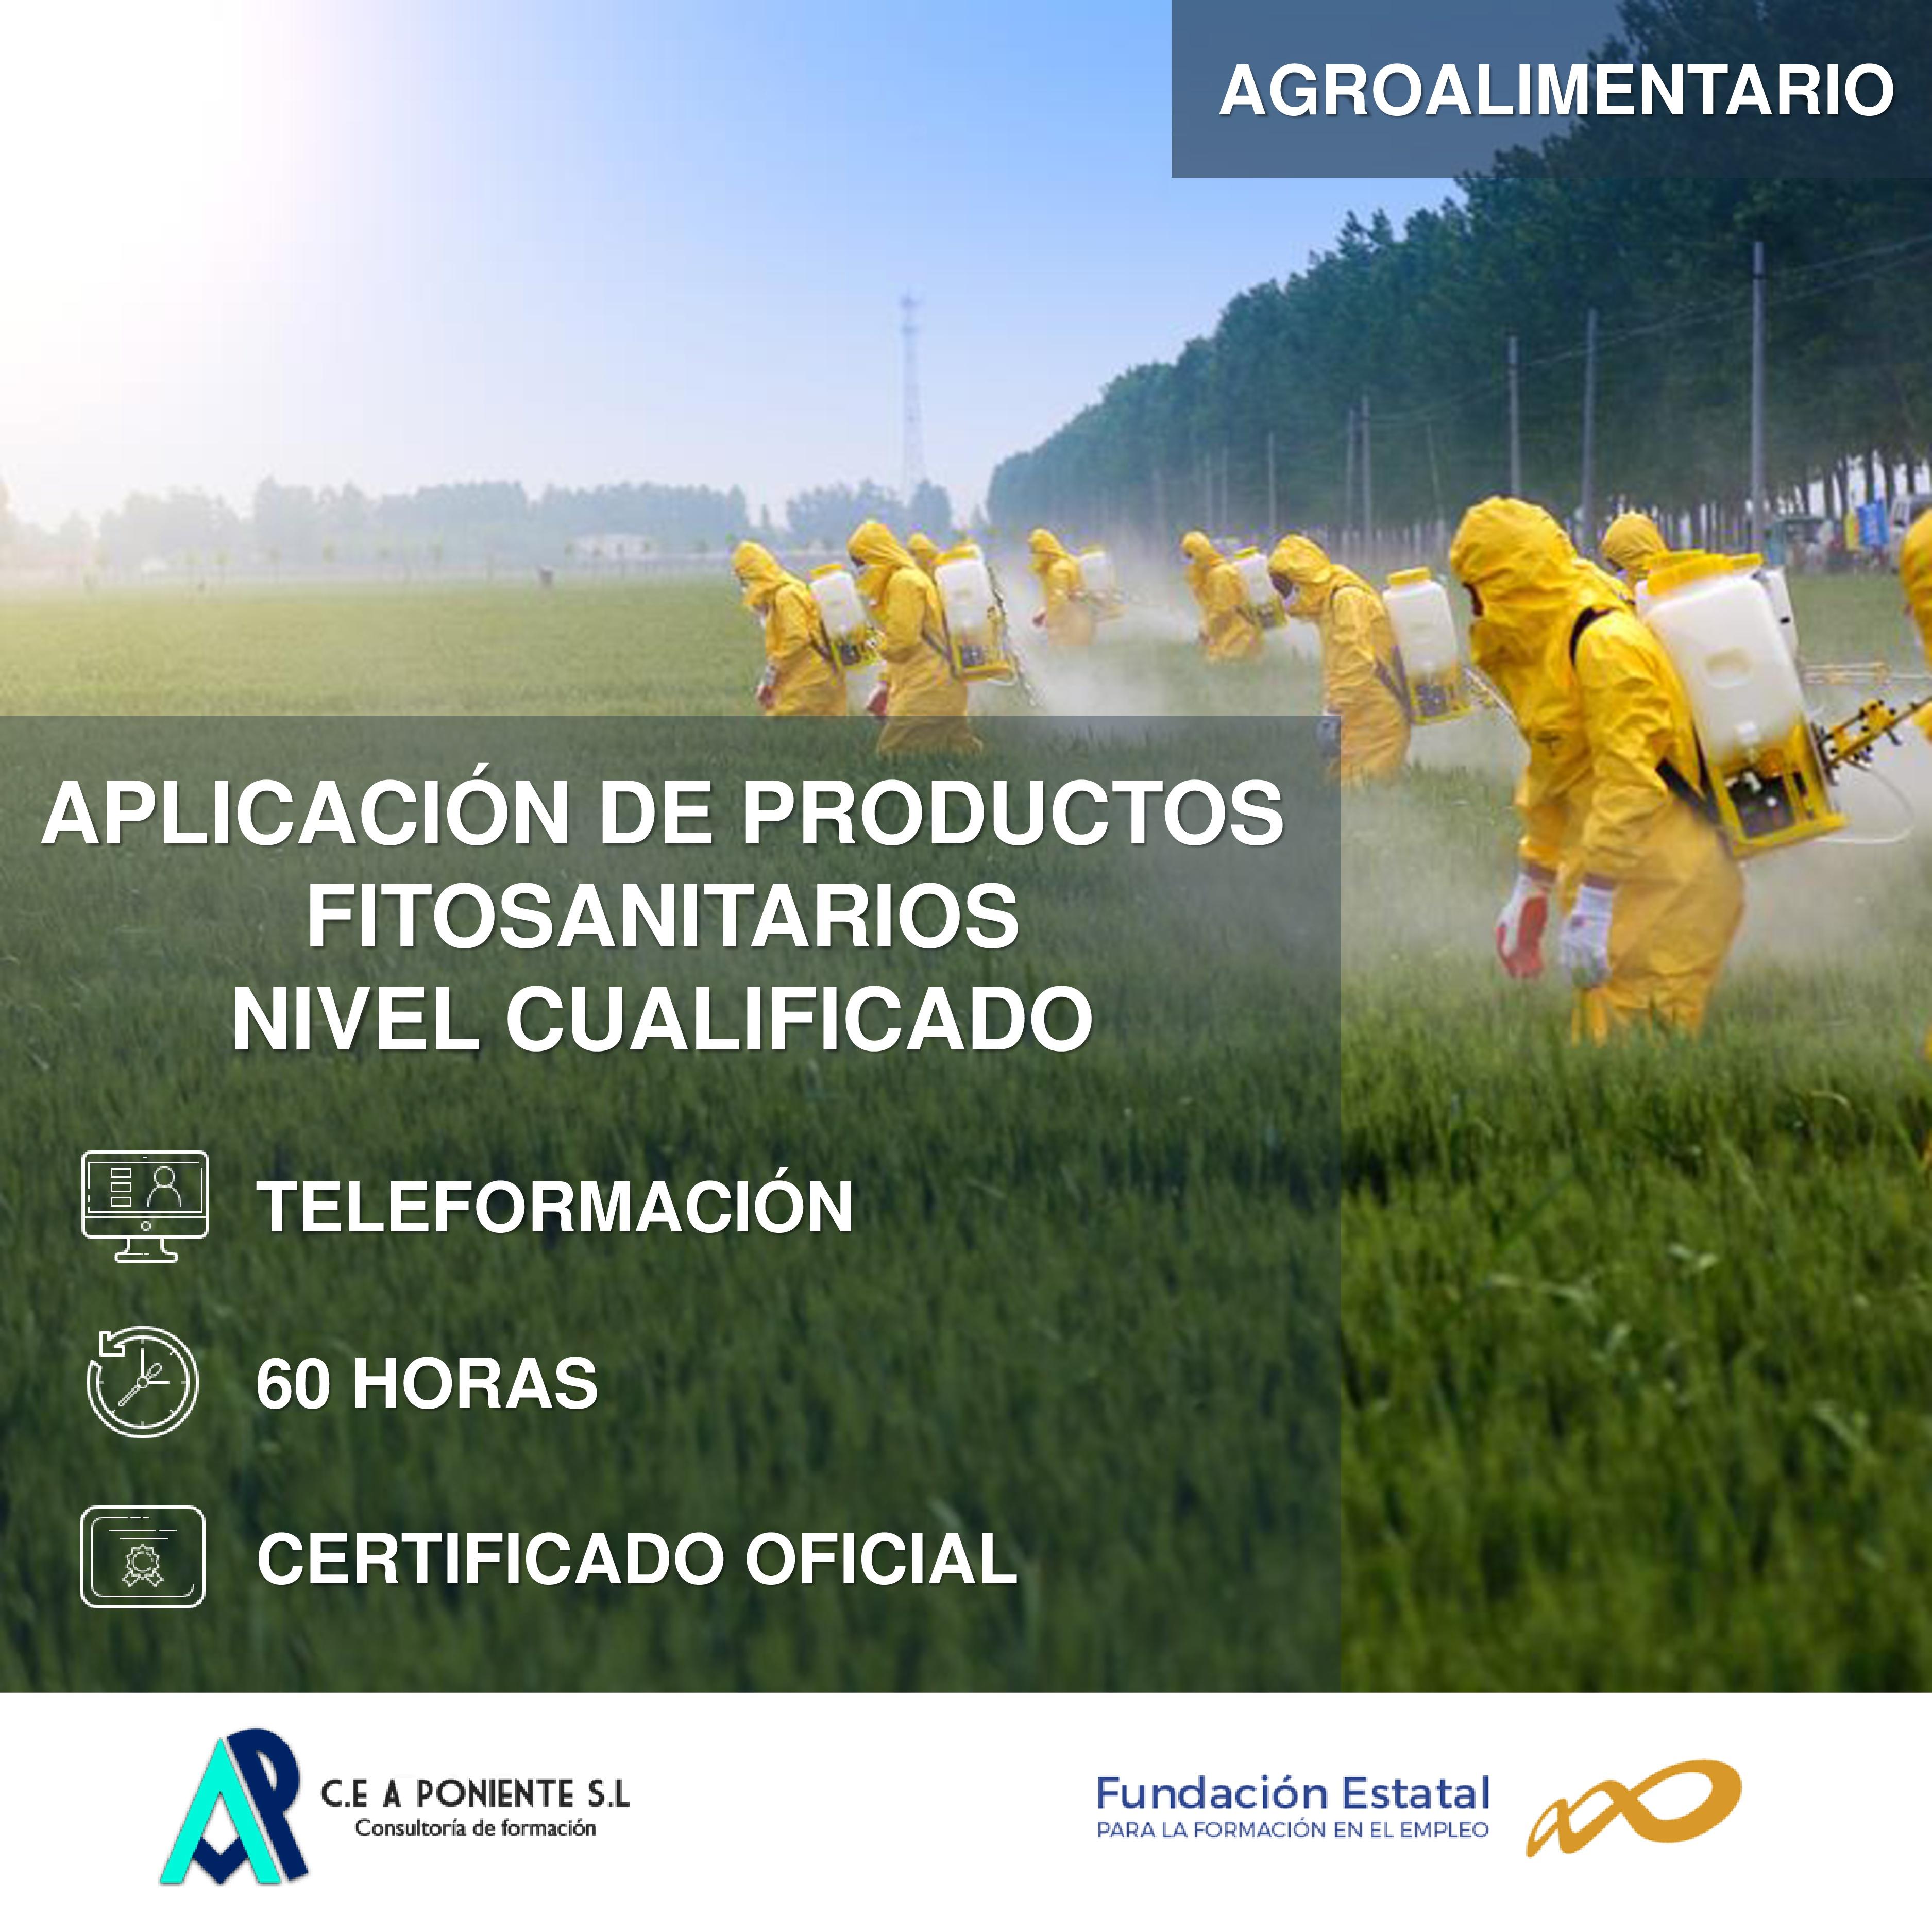 Aplicación de productos fitosanitarios. Nivel cualificado